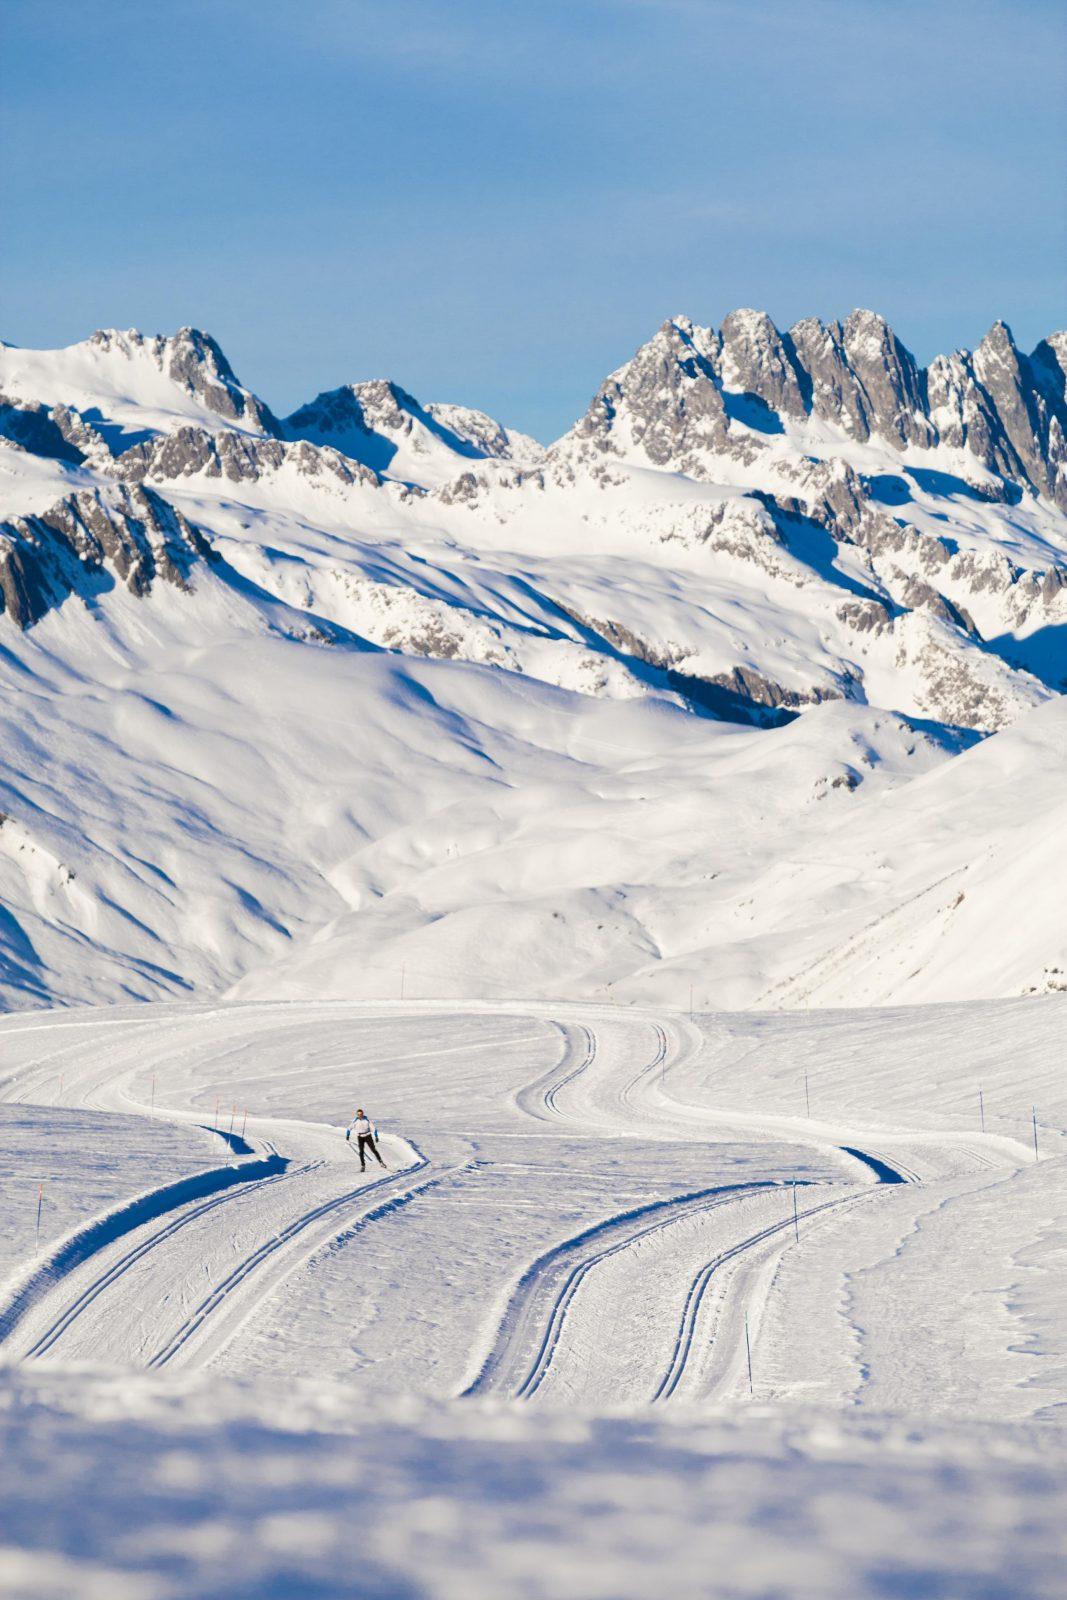 Domaine nordique de l'Alpe d'Huez